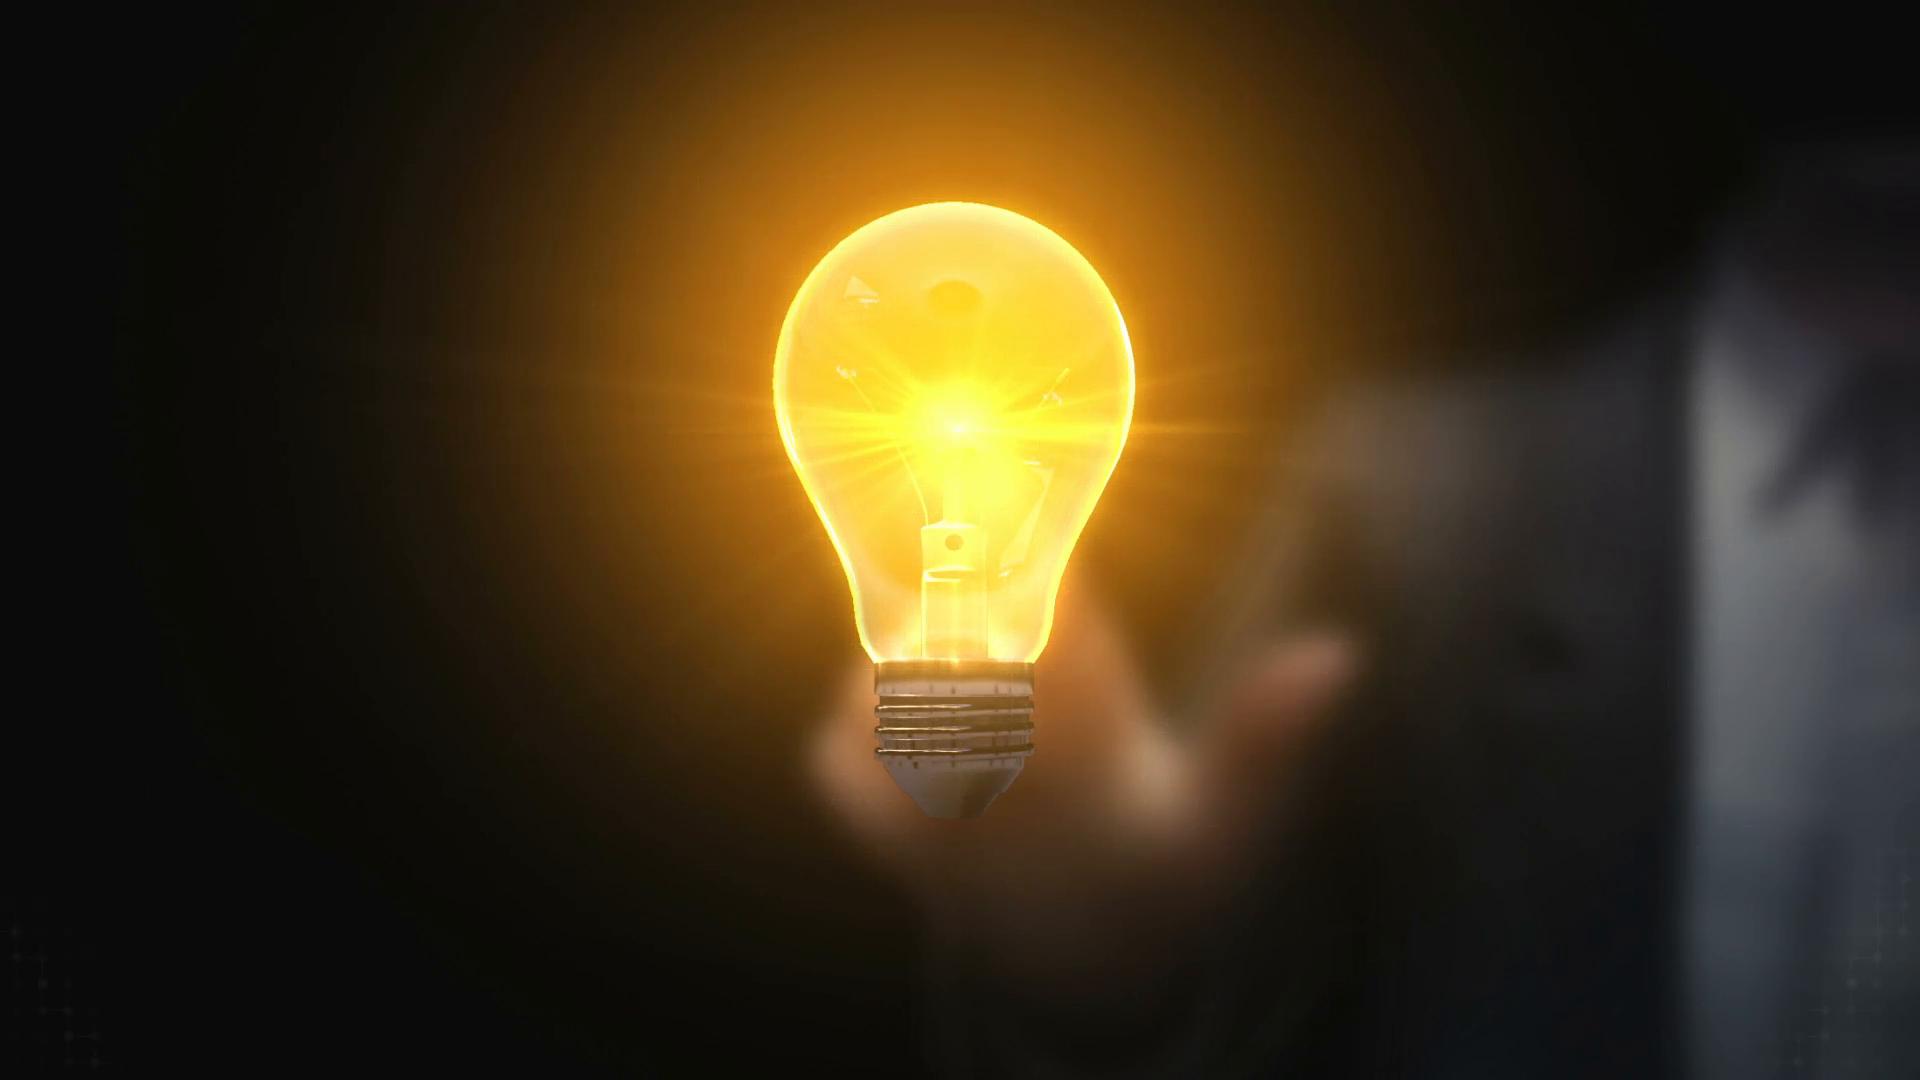 businessman-touching-idea-light-bulbcreative-communication-technology-concept_ez49w6_dl__F0014.png